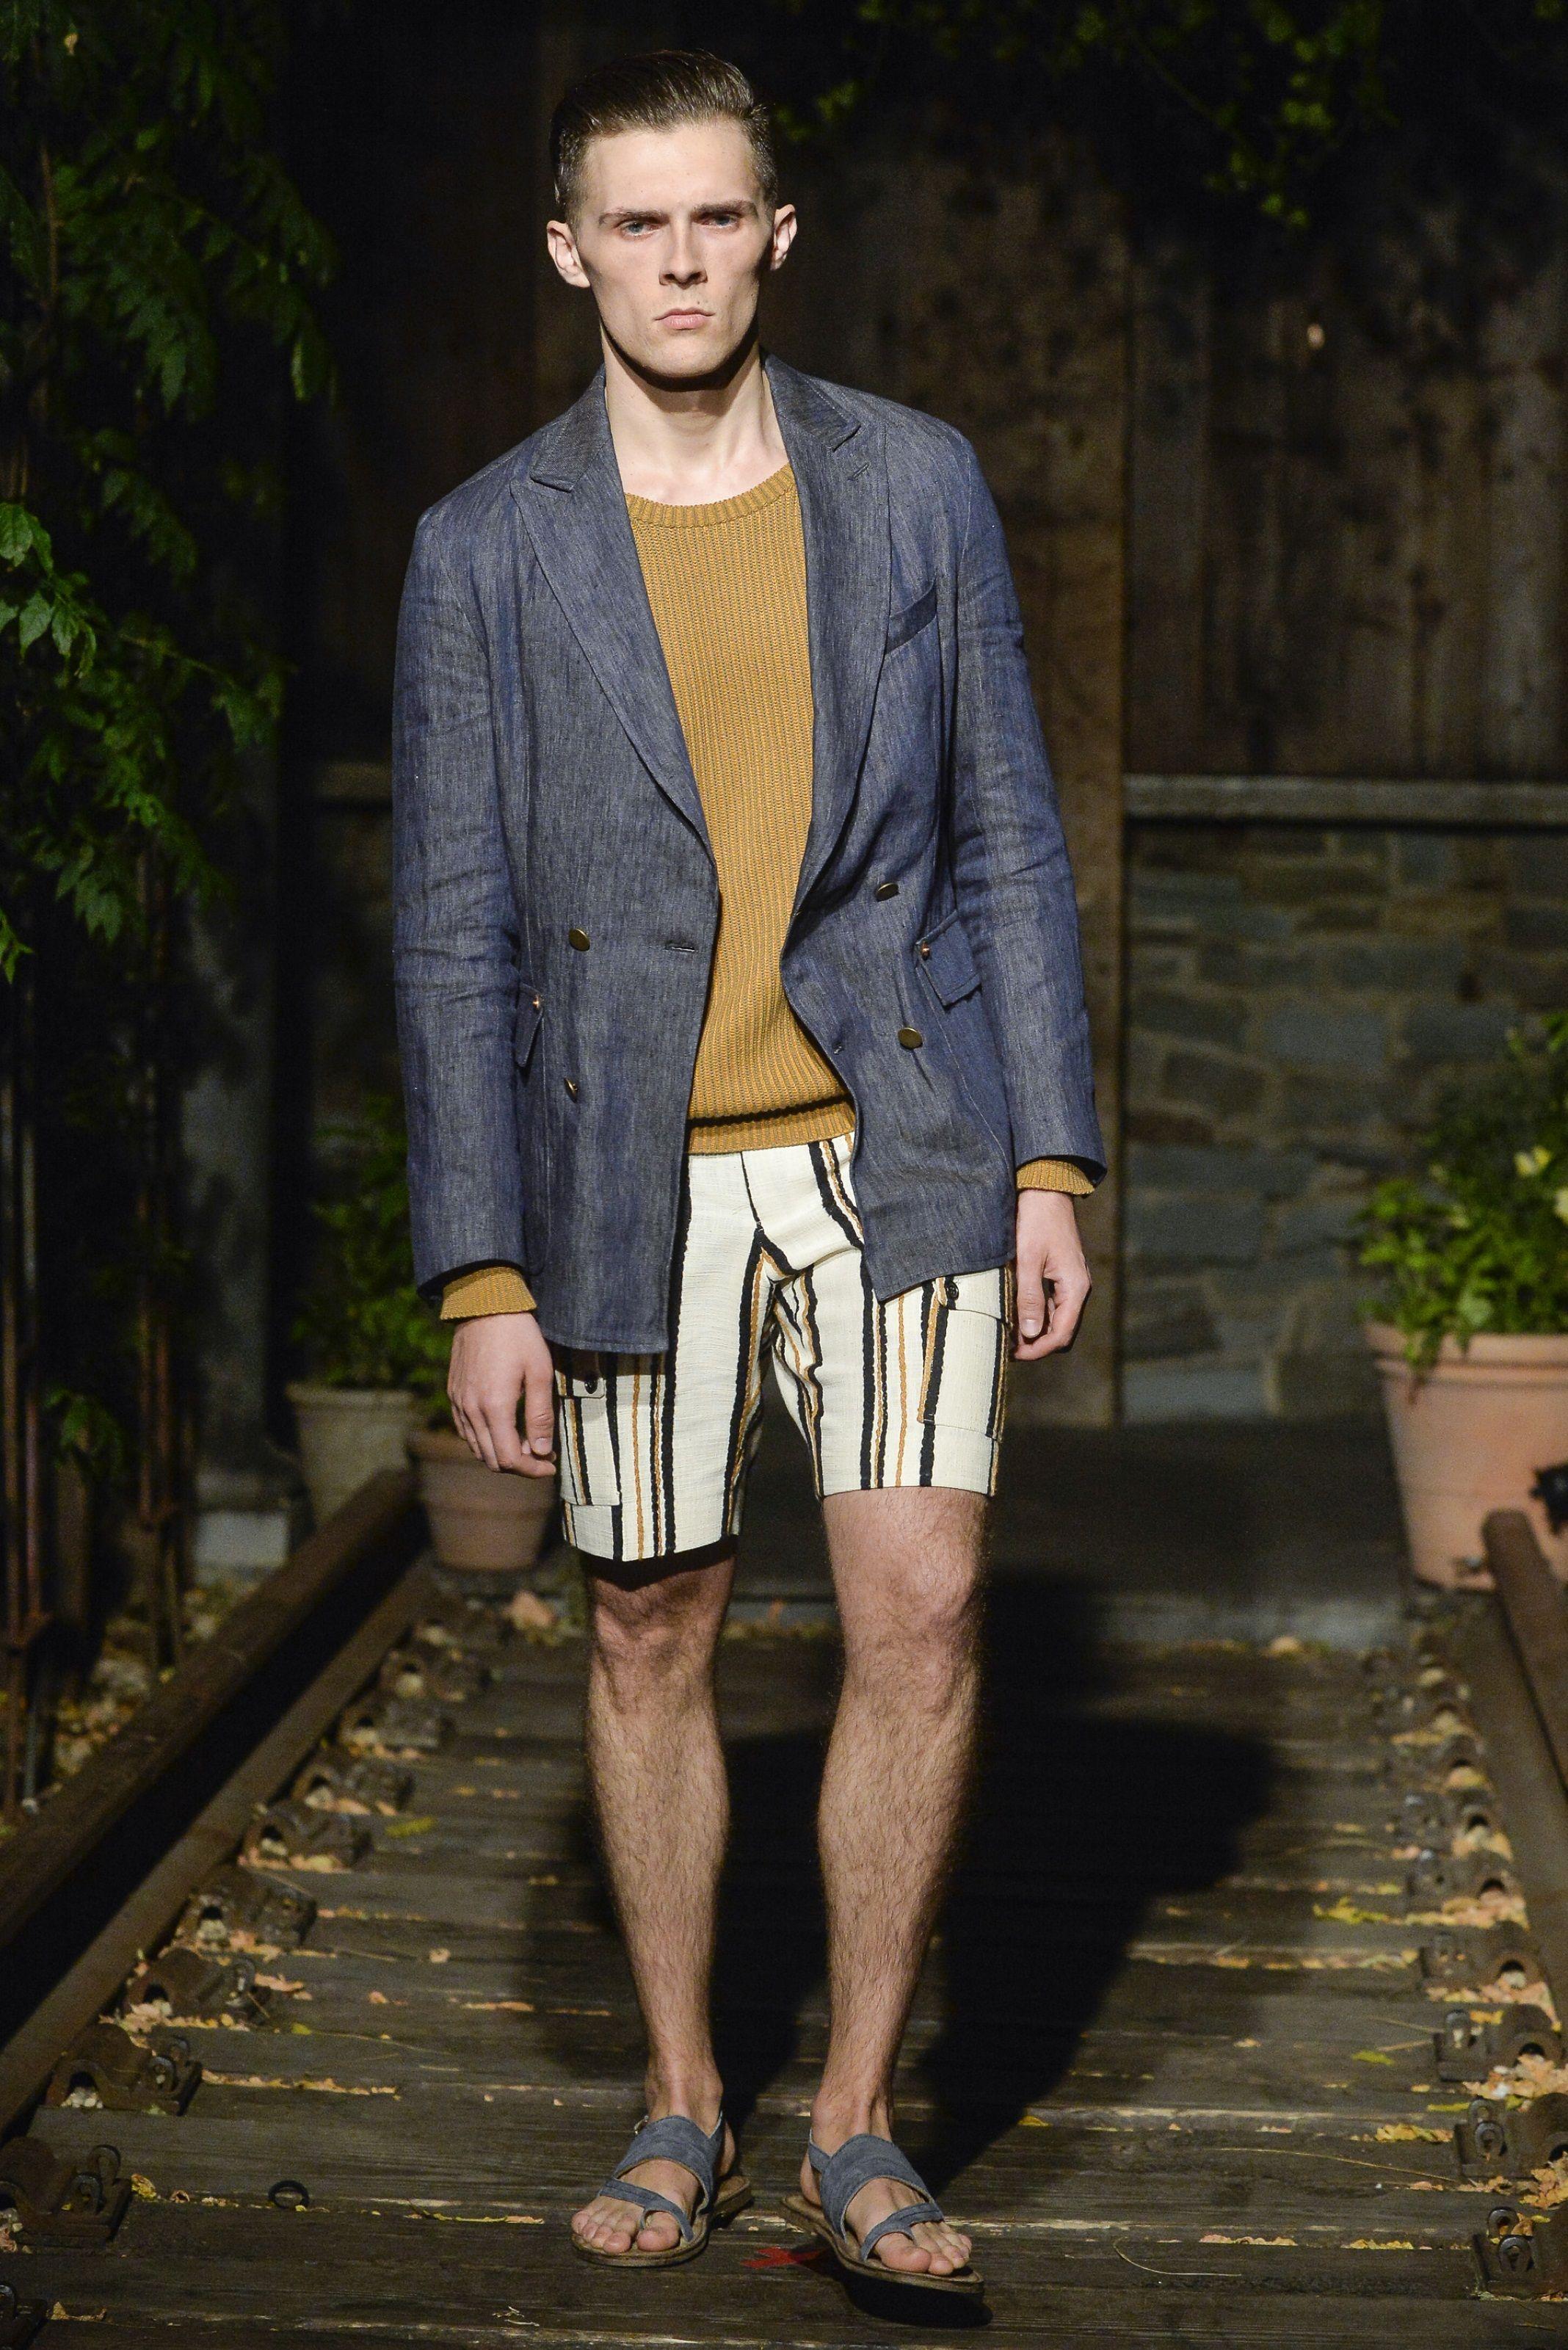 18 #primaveraverano2014 #BillyReid #tendencias2014 #fashionmen Cortesia: www.vogue.it